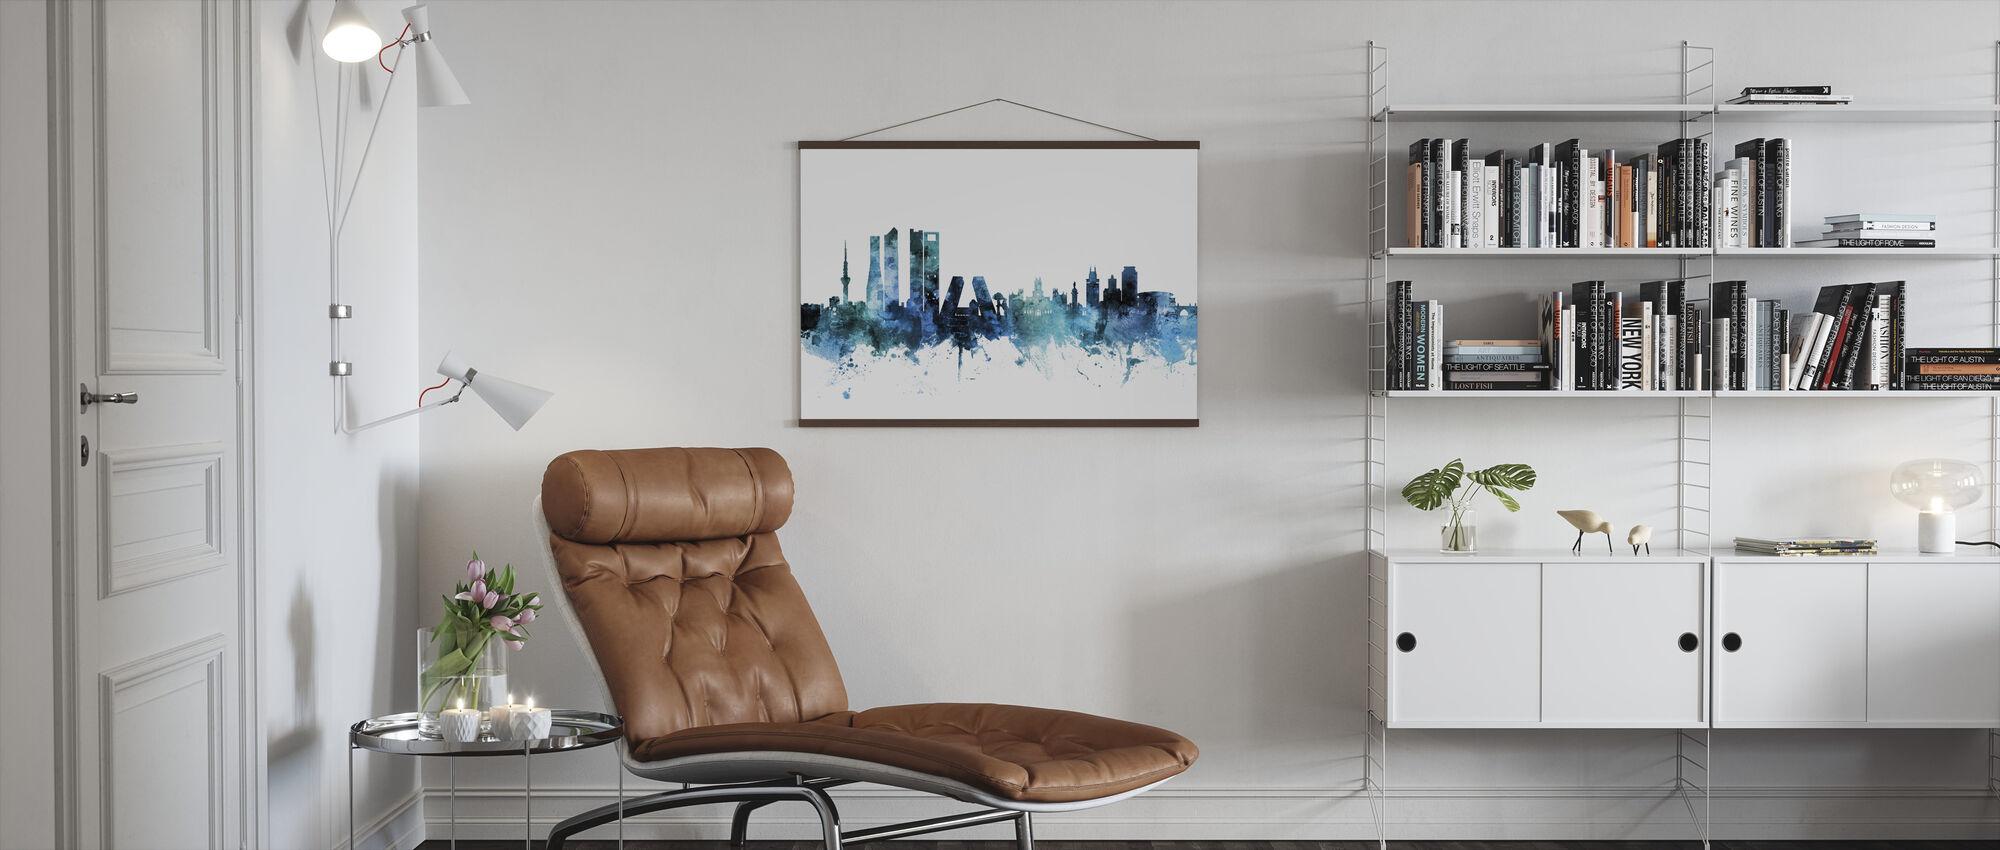 Madrid Spain Skyline - Poster - Living Room